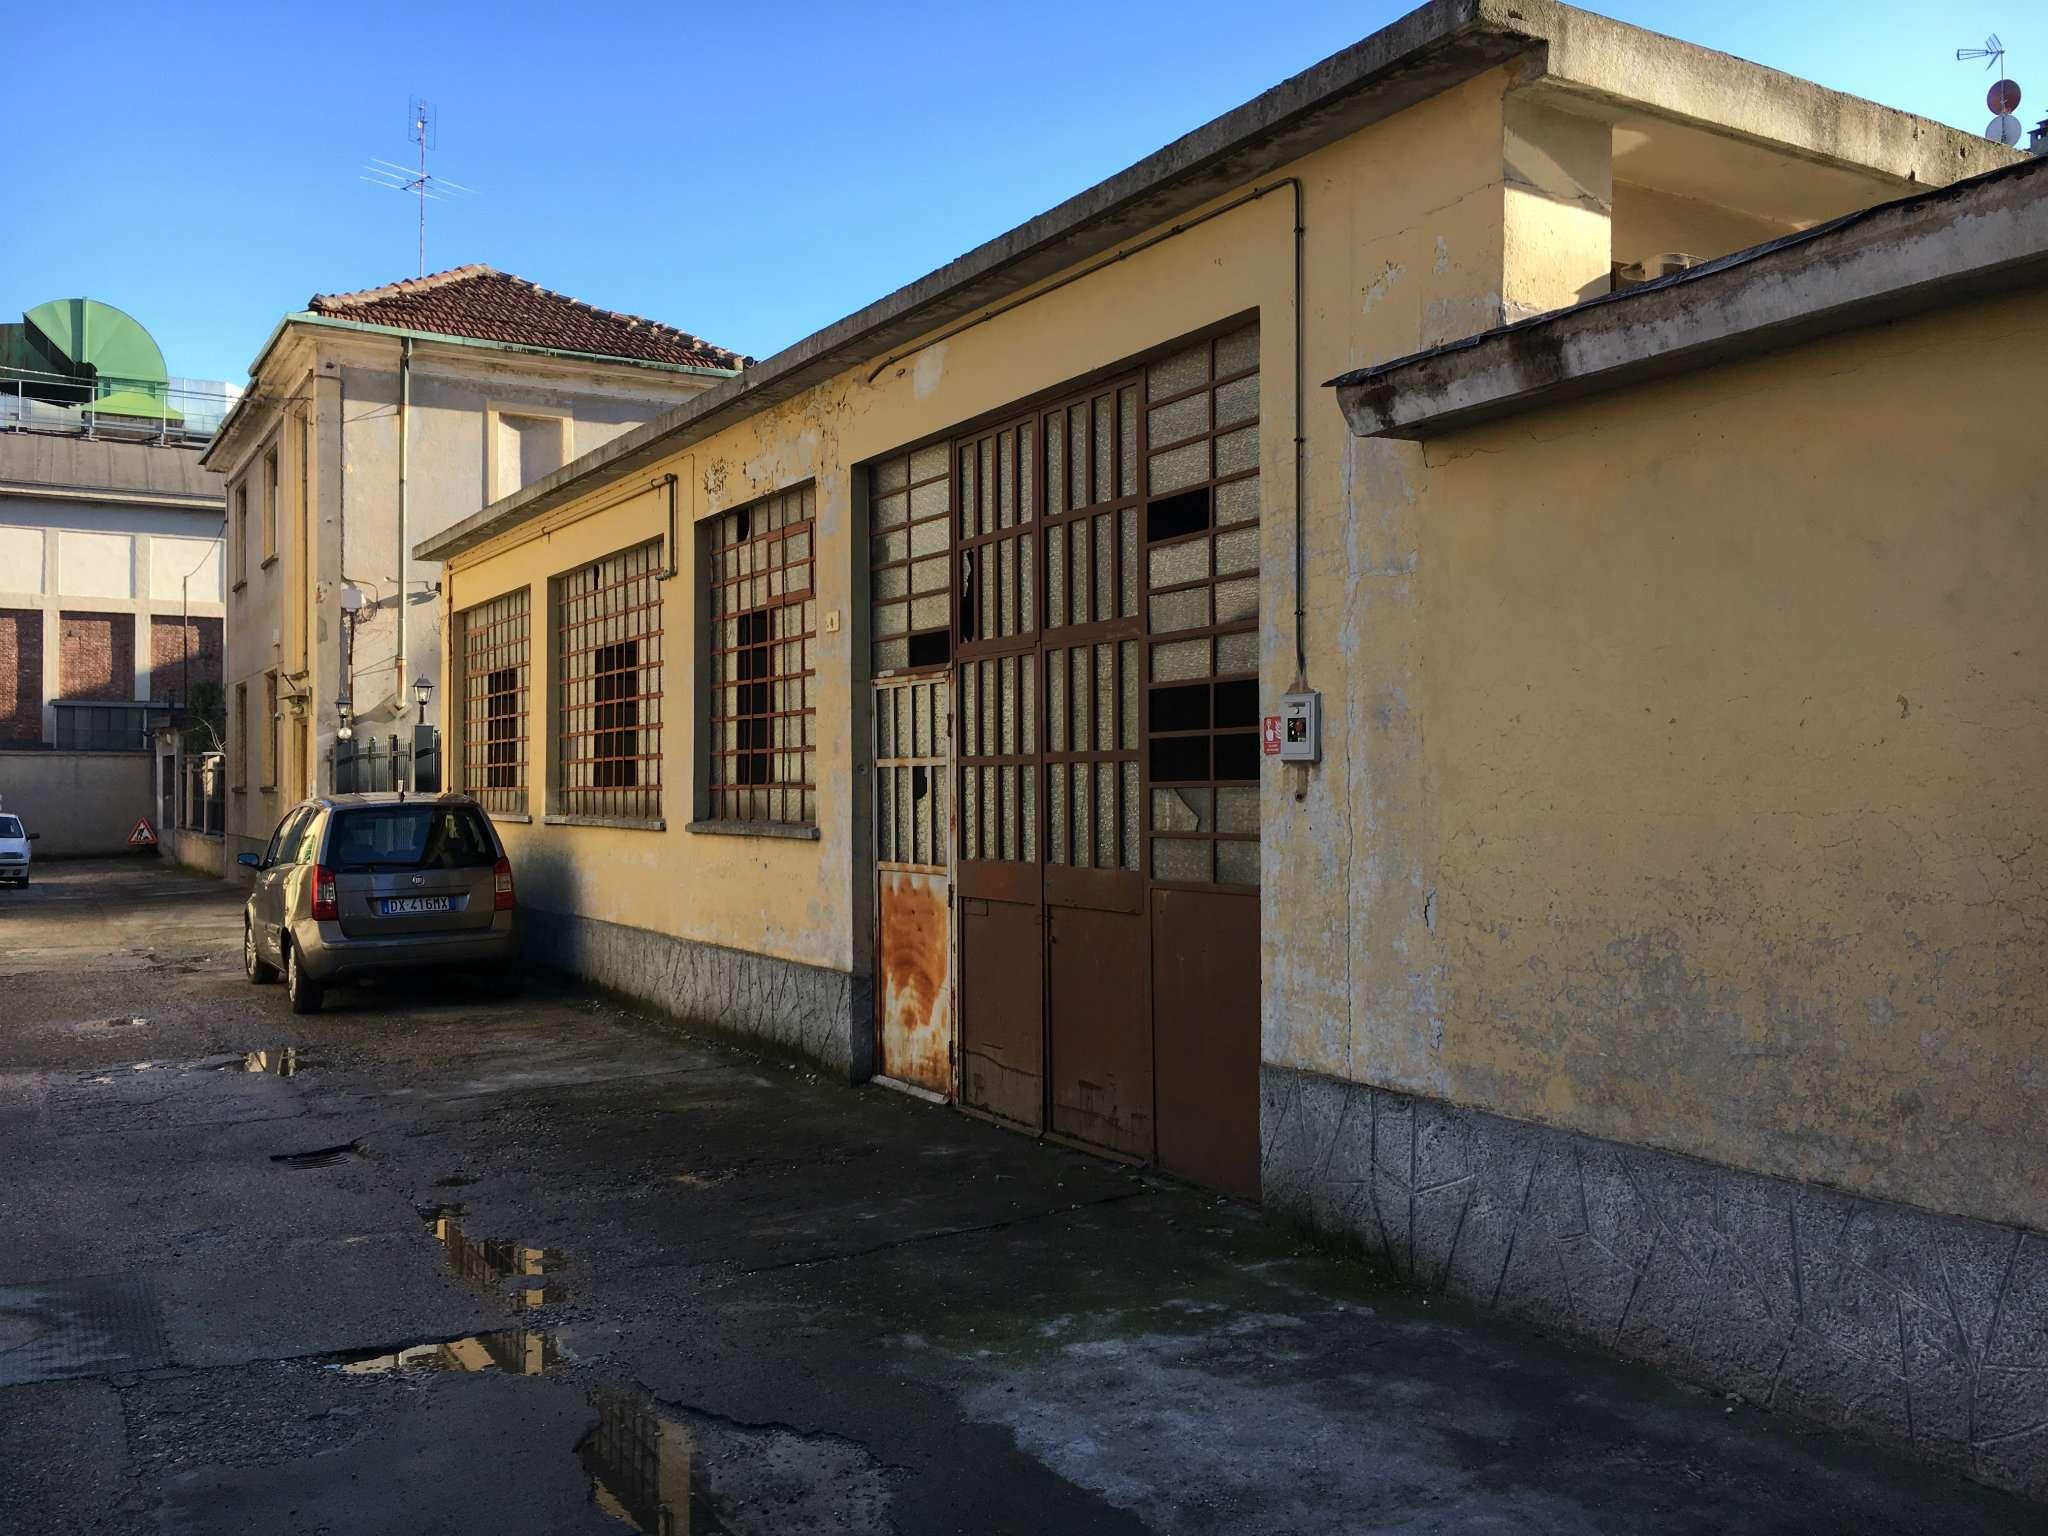 Laboratorio in vendita a Torino, 1 locali, zona Zona: 6 . Lingotto, prezzo € 70.000 | Cambio Casa.it